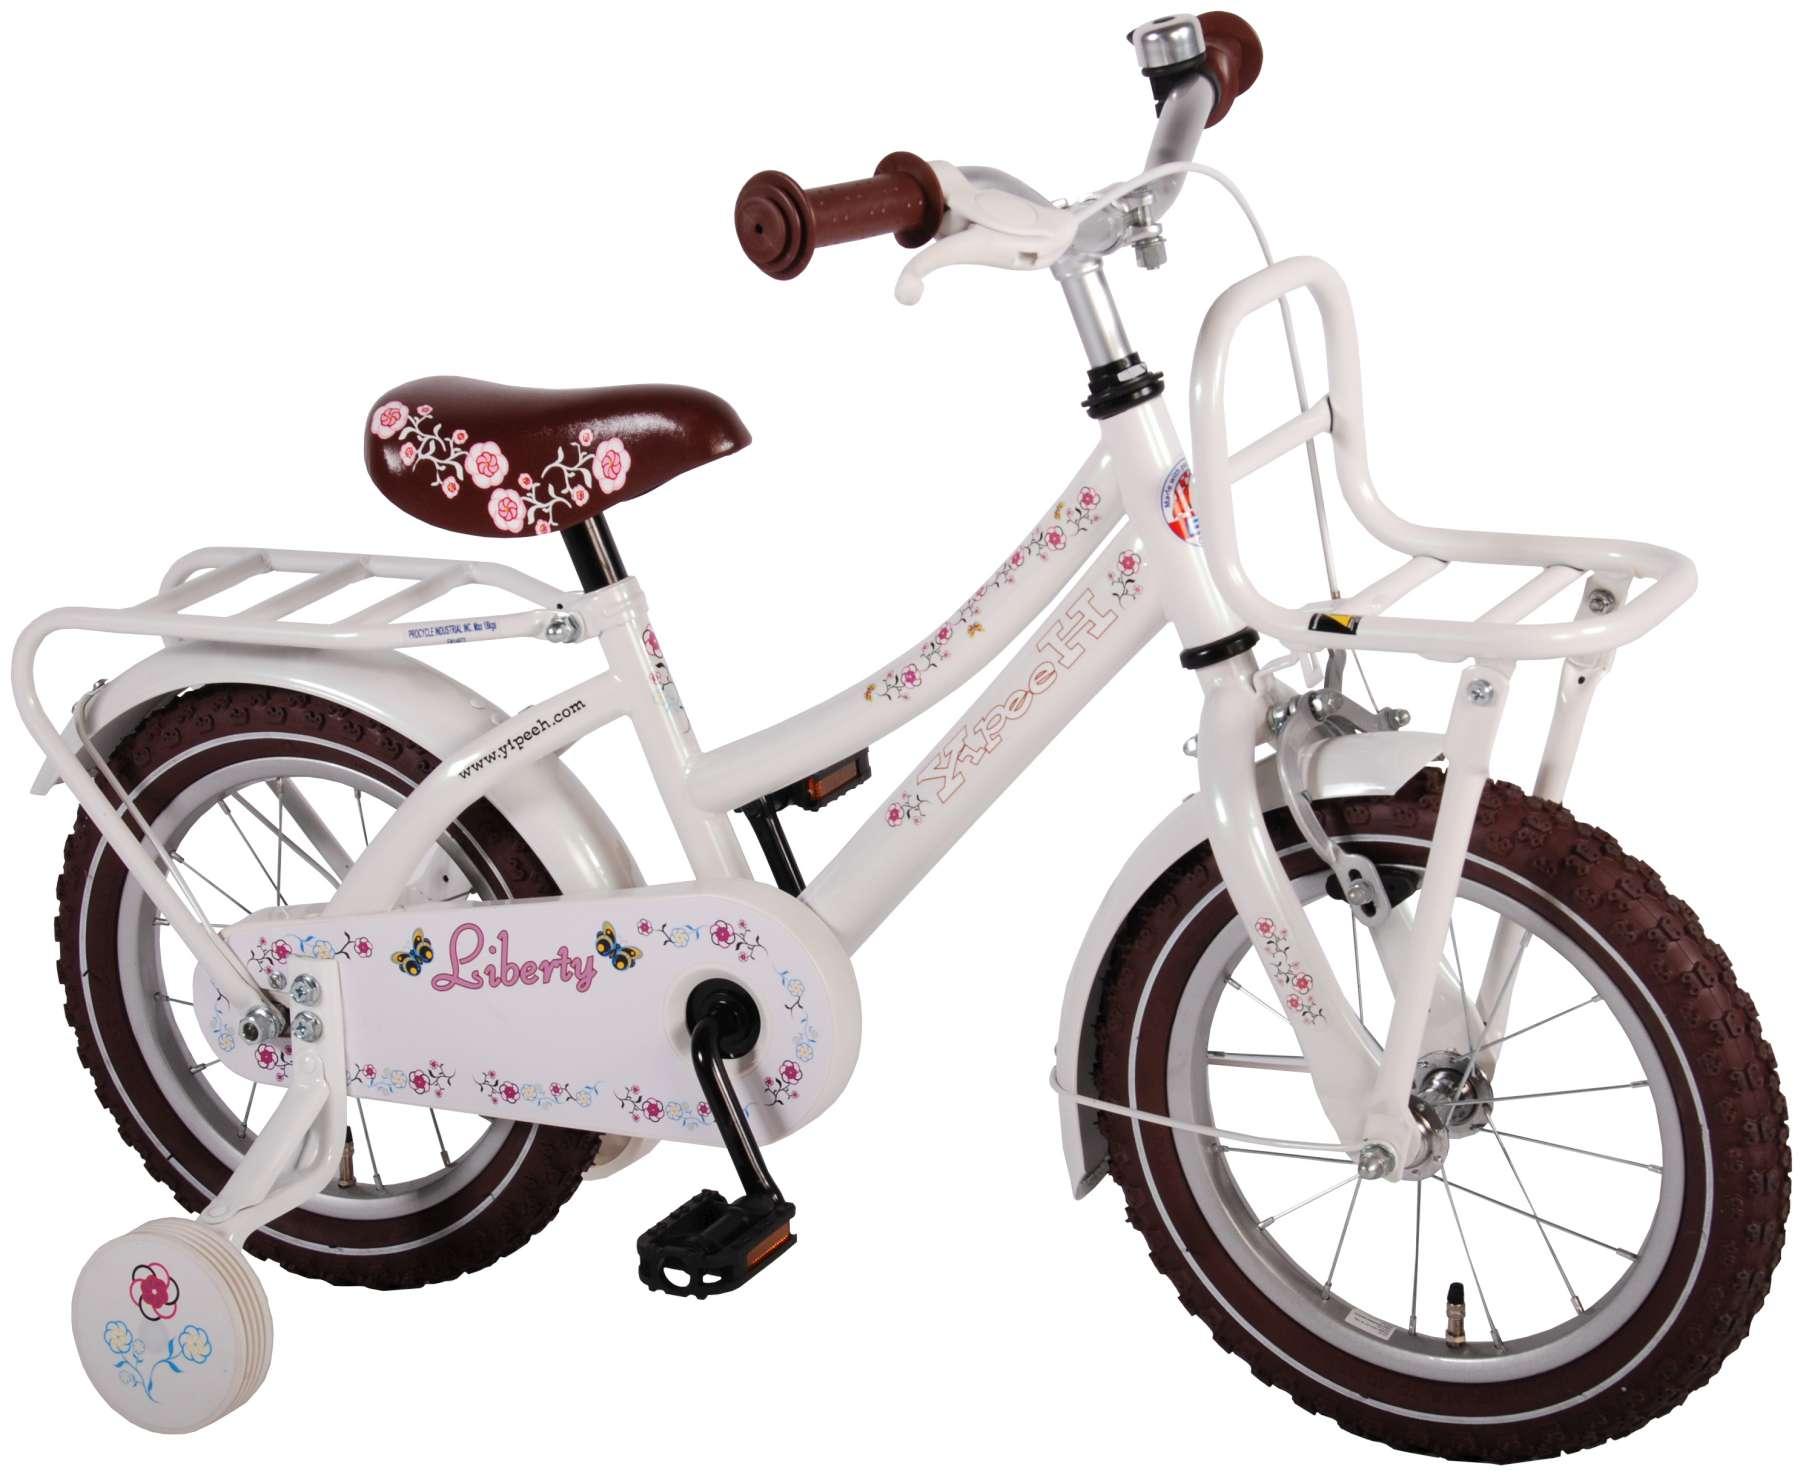 Volare Liberty Urban Kinderfahrrad - 14 Zoll - Mädchen - Weiß - 95%  zusammengebaut